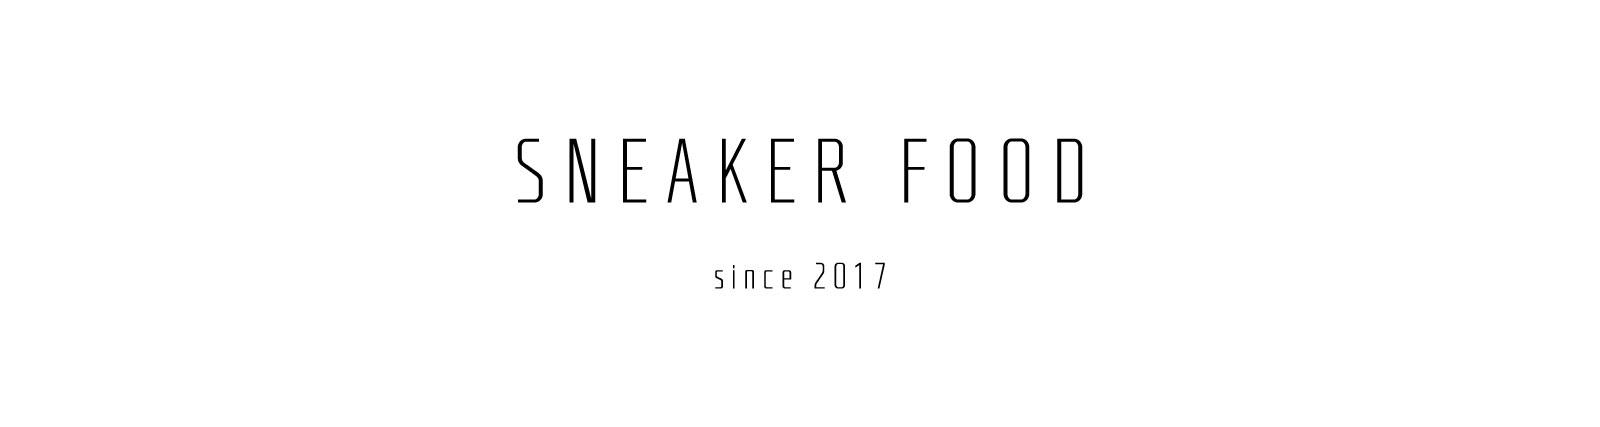 sneaker-food